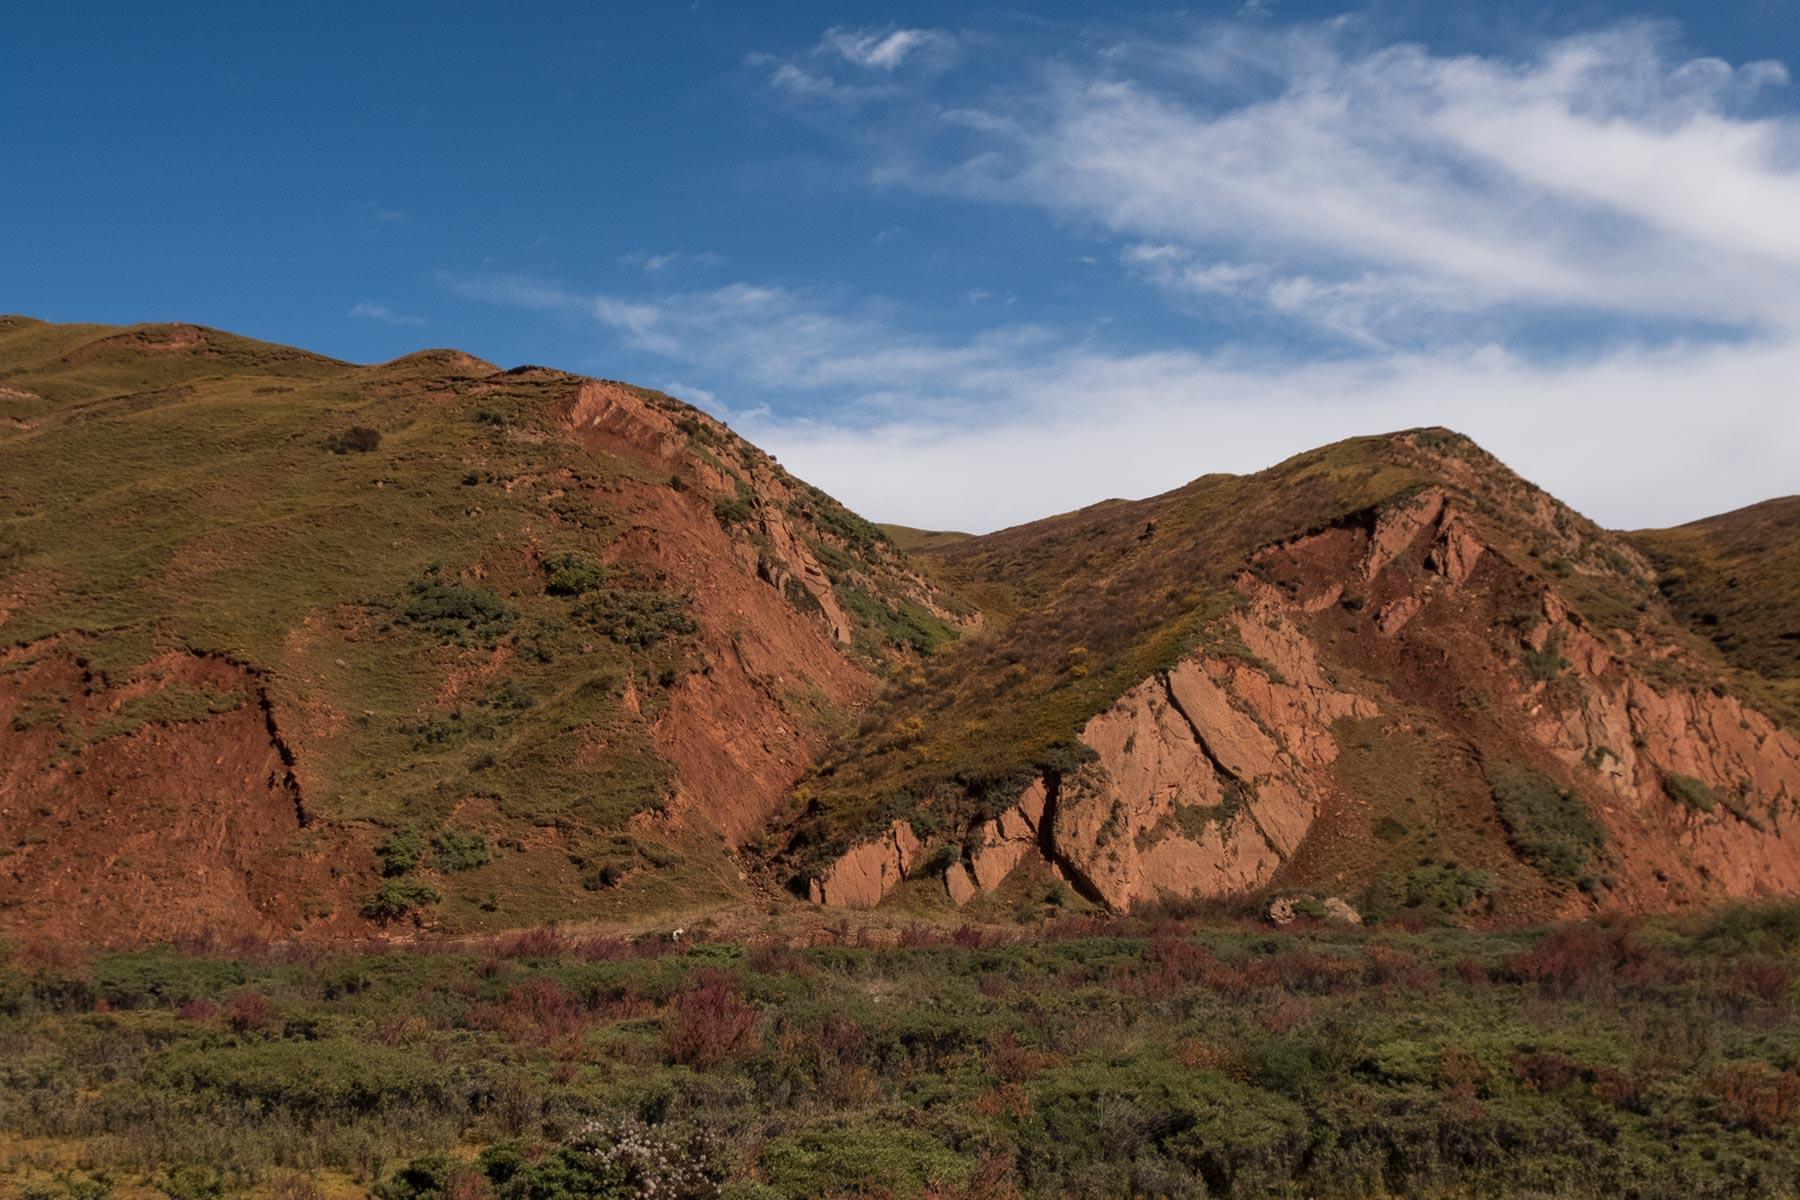 Bergregion in Rot in Gansu in China